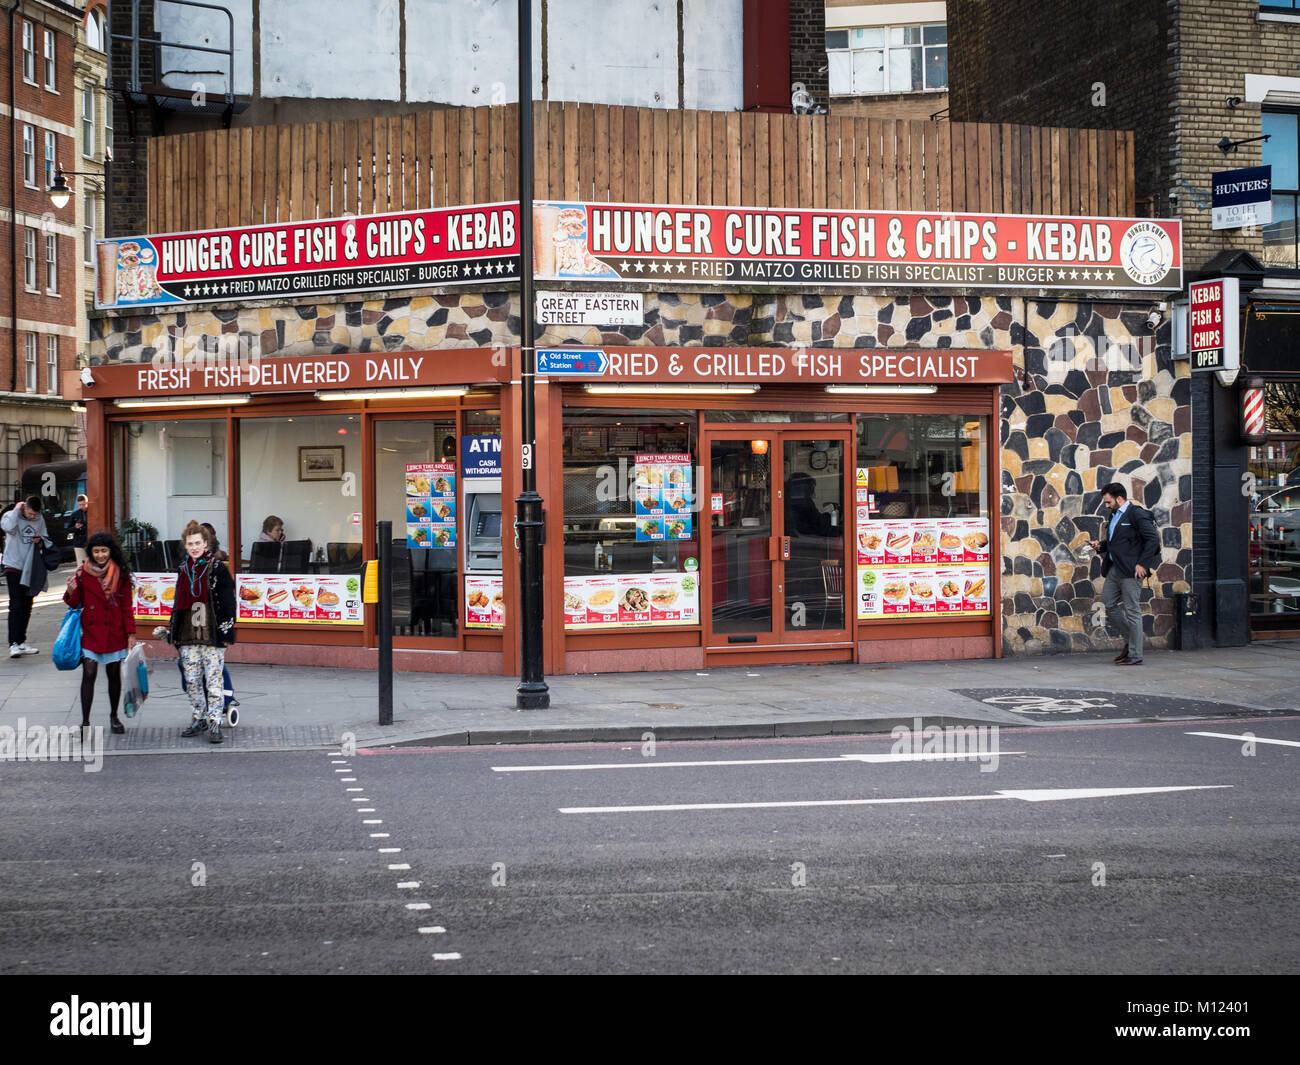 Fish & Chips Kebab Shop - der Hunger Heilung Fisch und Chips Dönerbude in der Nähe der alten Straße Stockbild